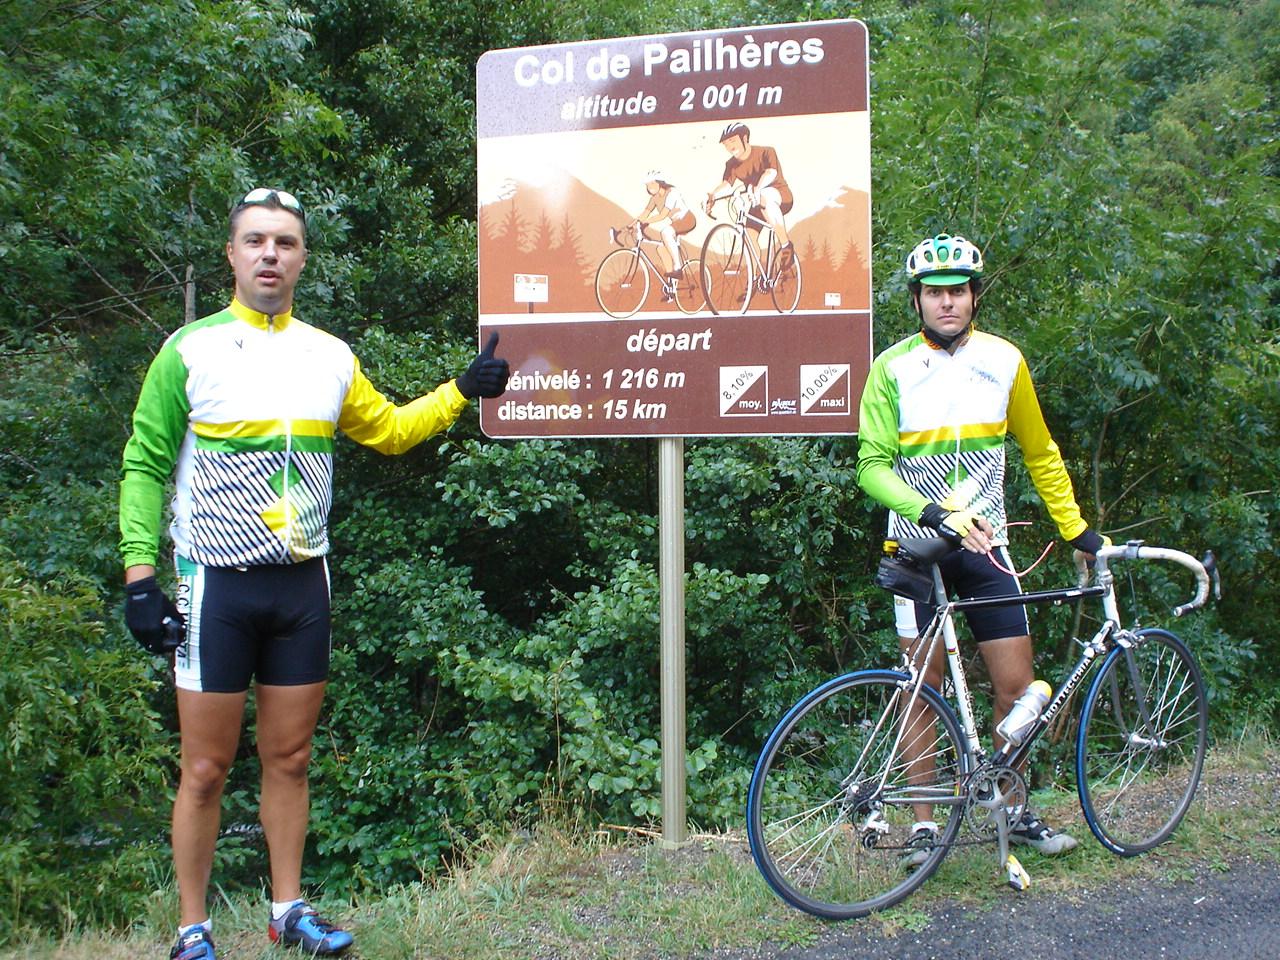 Col de Pailhères 2005